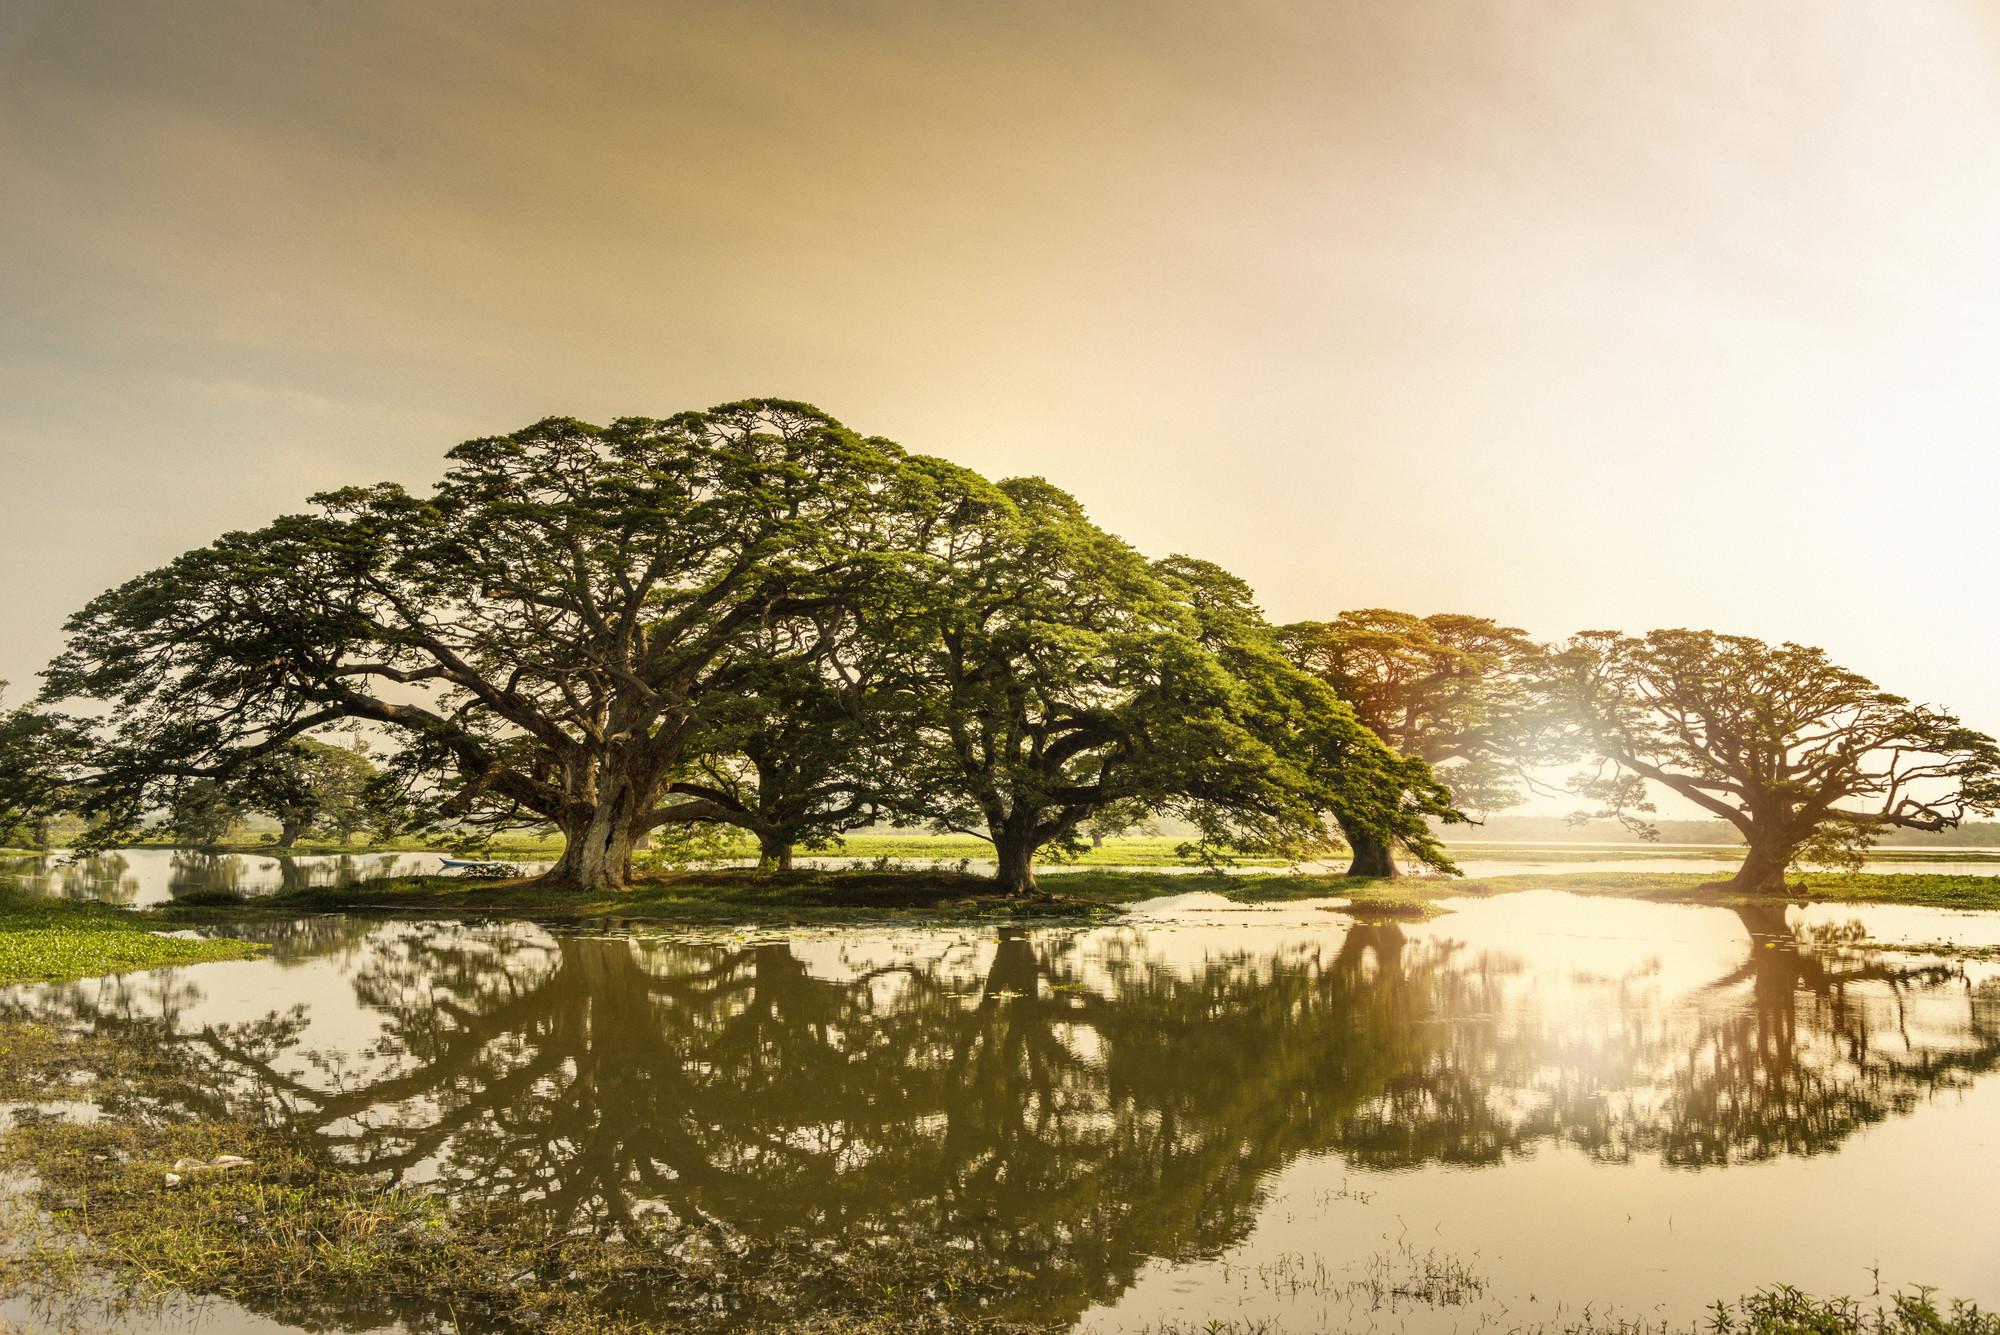 enrichissez-vous voyager au Sri Lanka 7 bonnes raisons - Arbres de pluie